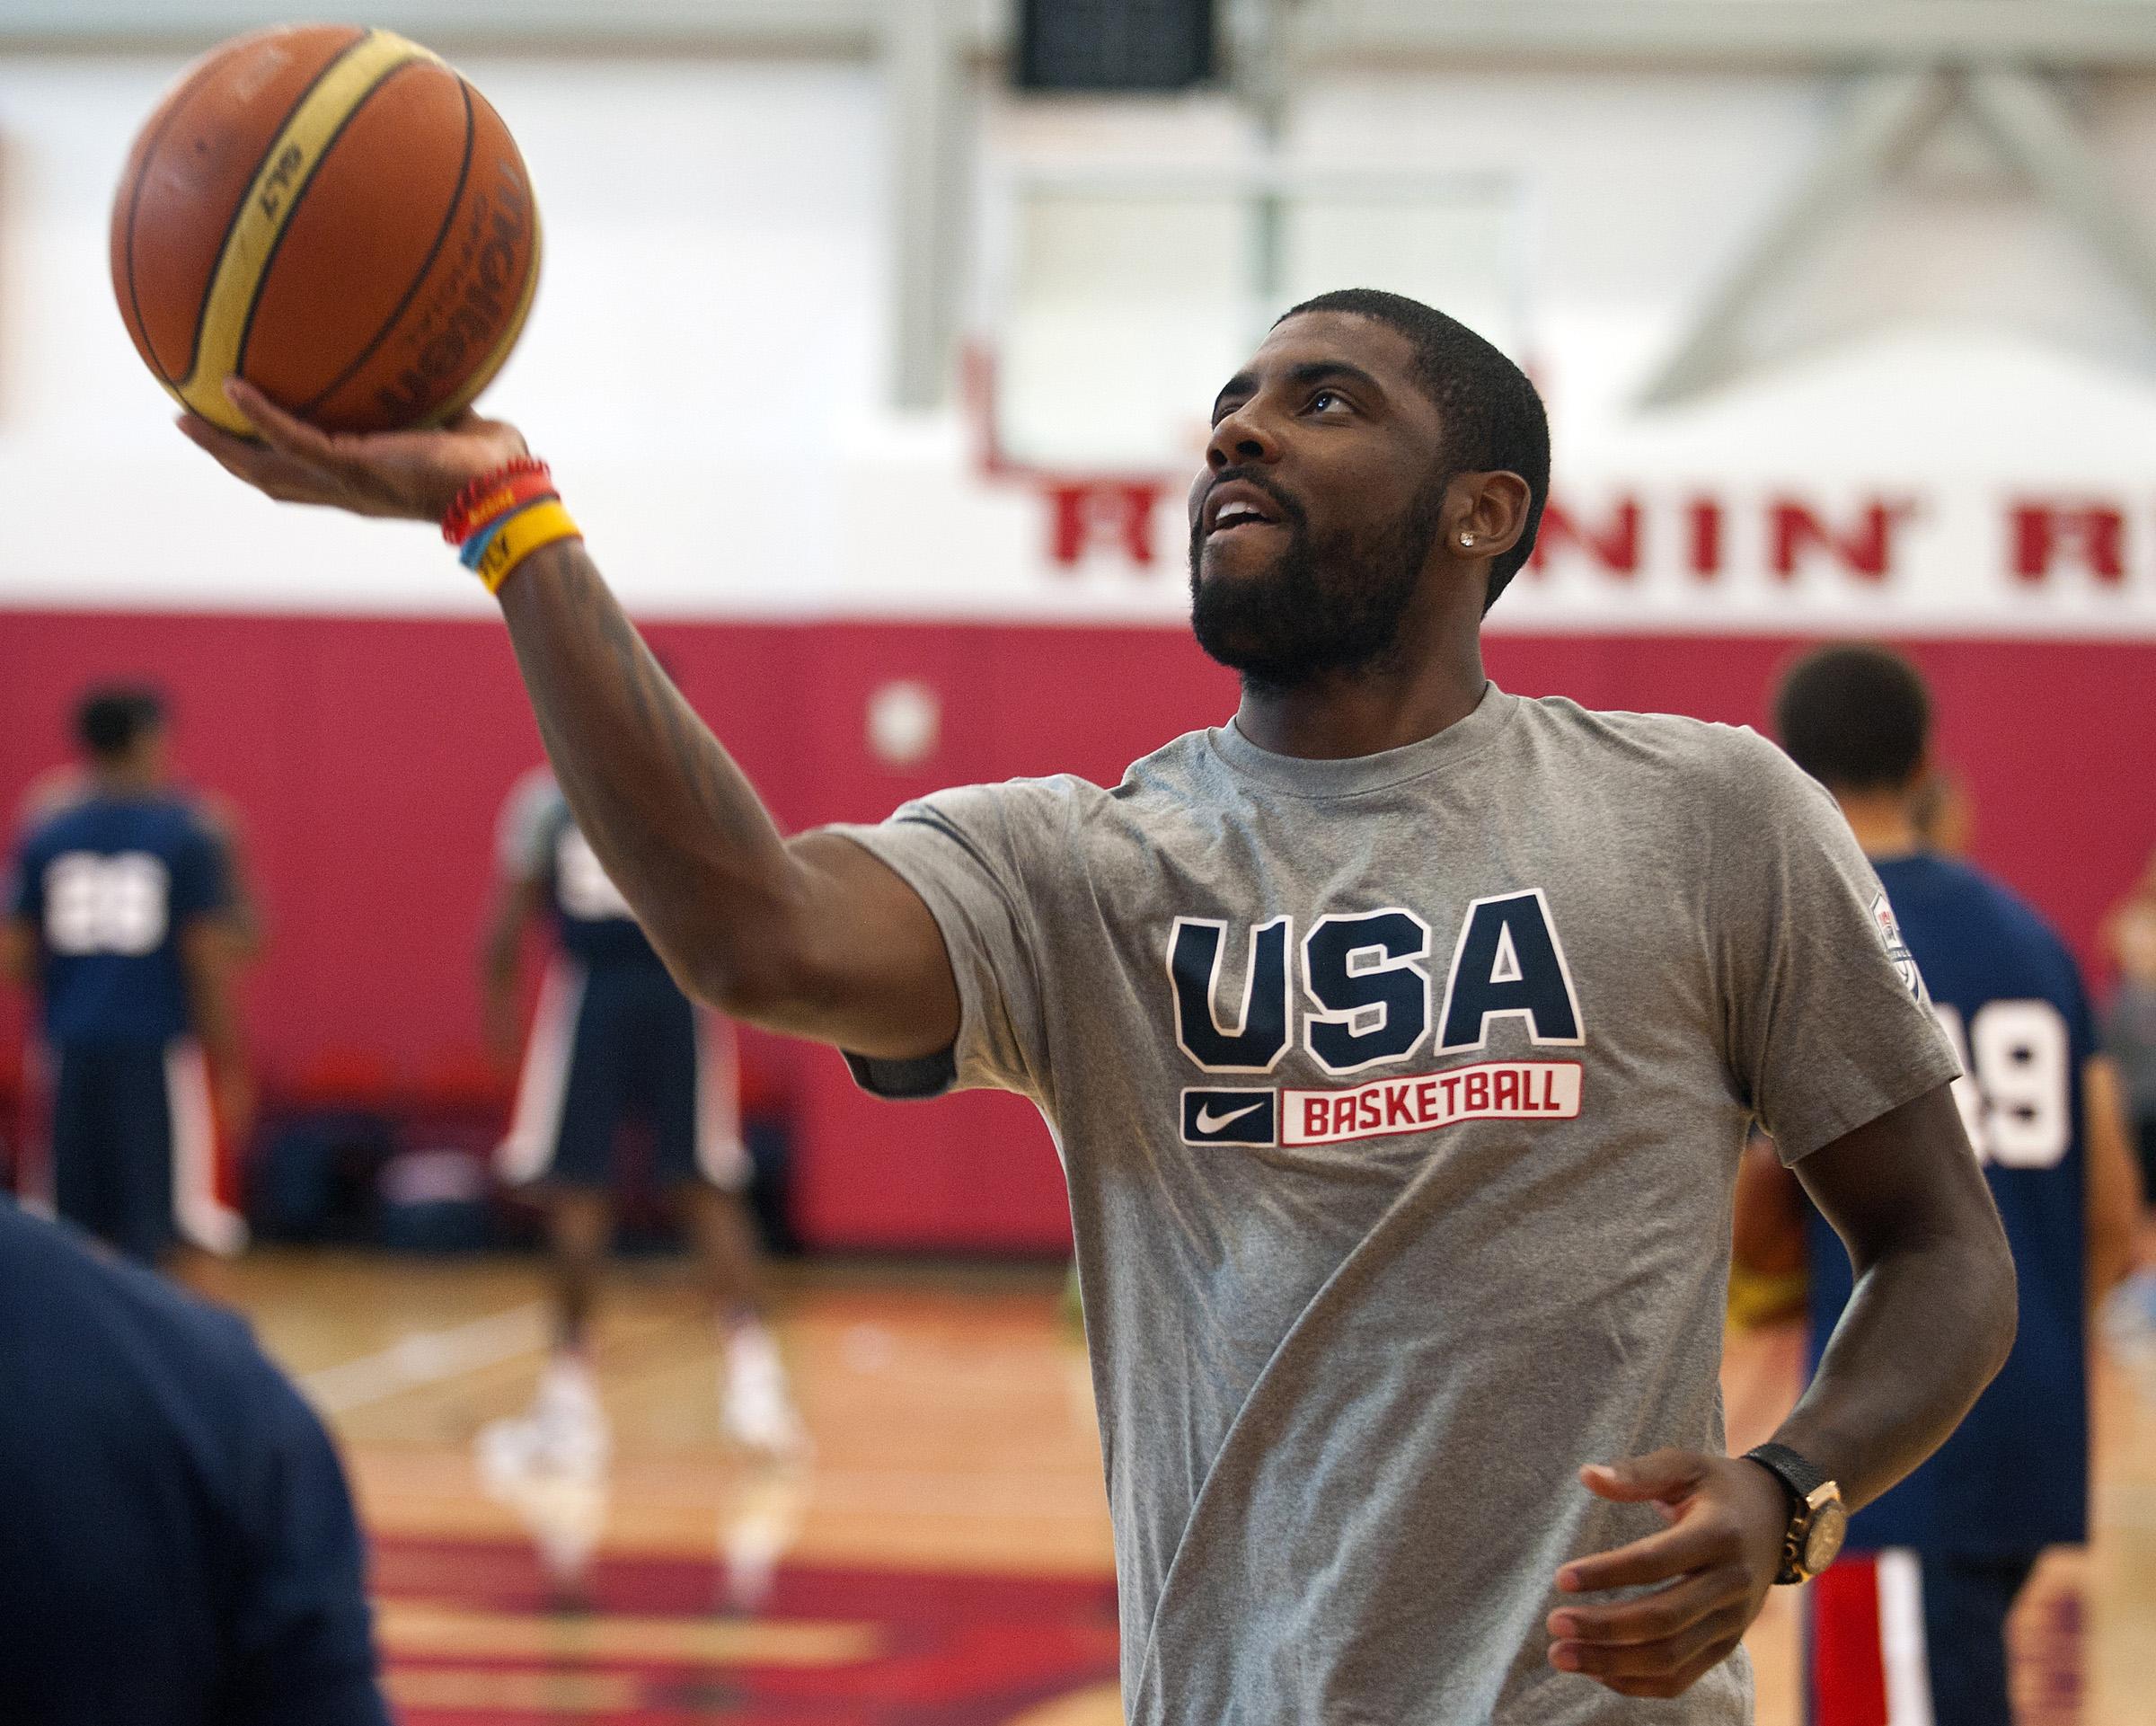 Basketball: 2015 USA Men's National Team Mini-Camp USA